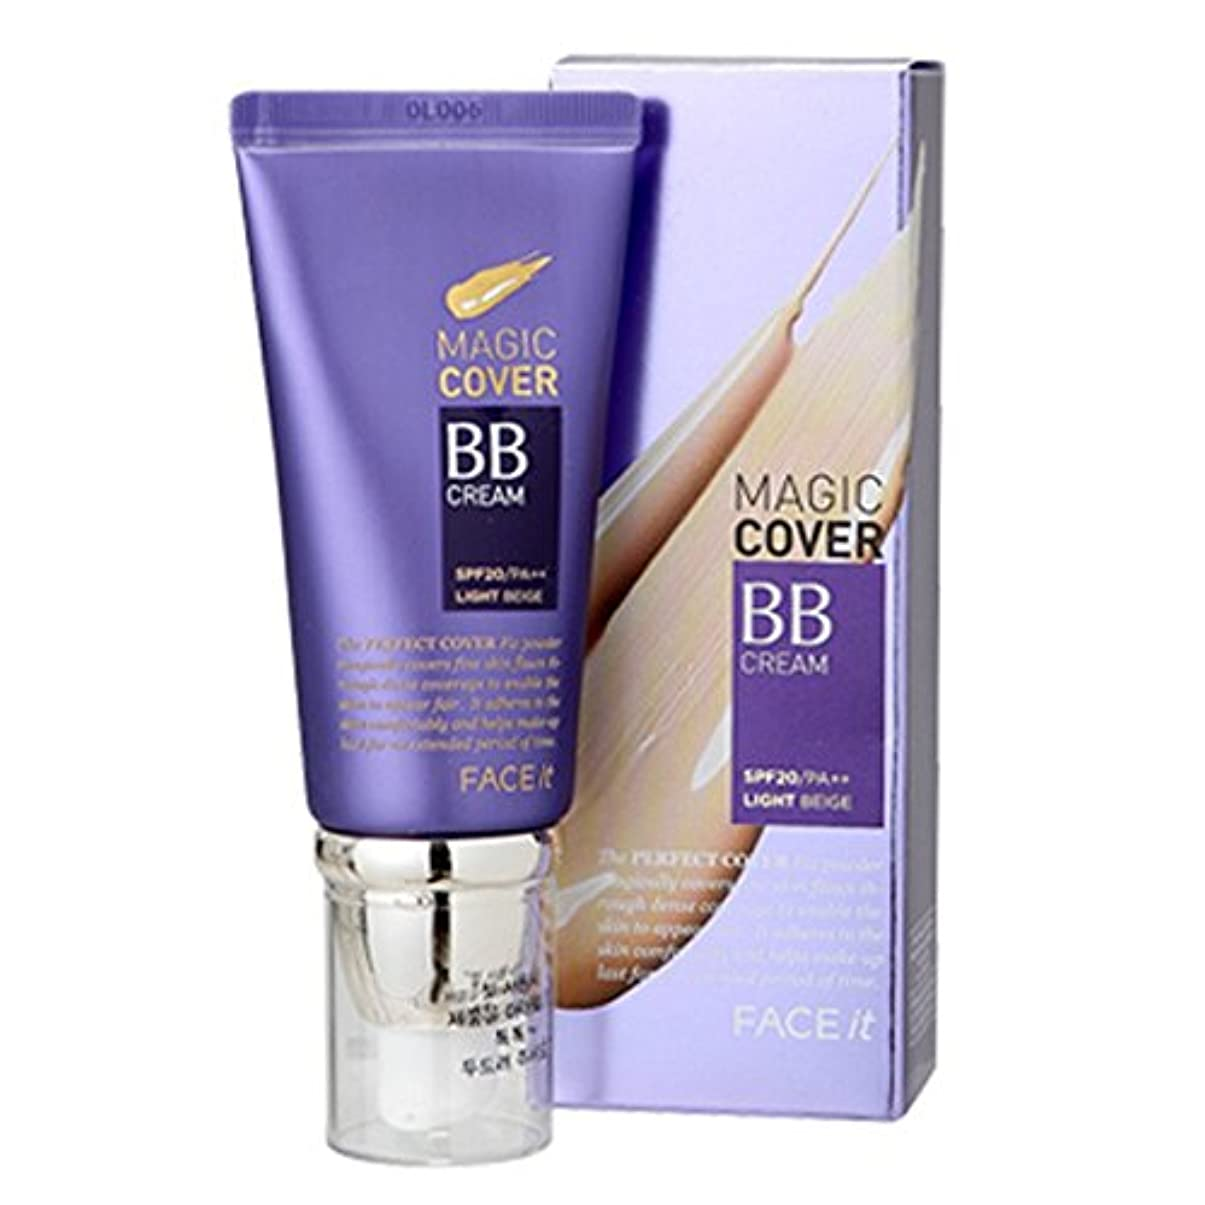 爵めるお祝いザフェイスショップ The Face Shop Face It Magic Cover BB Cream 45ml (02 Natural Beige)